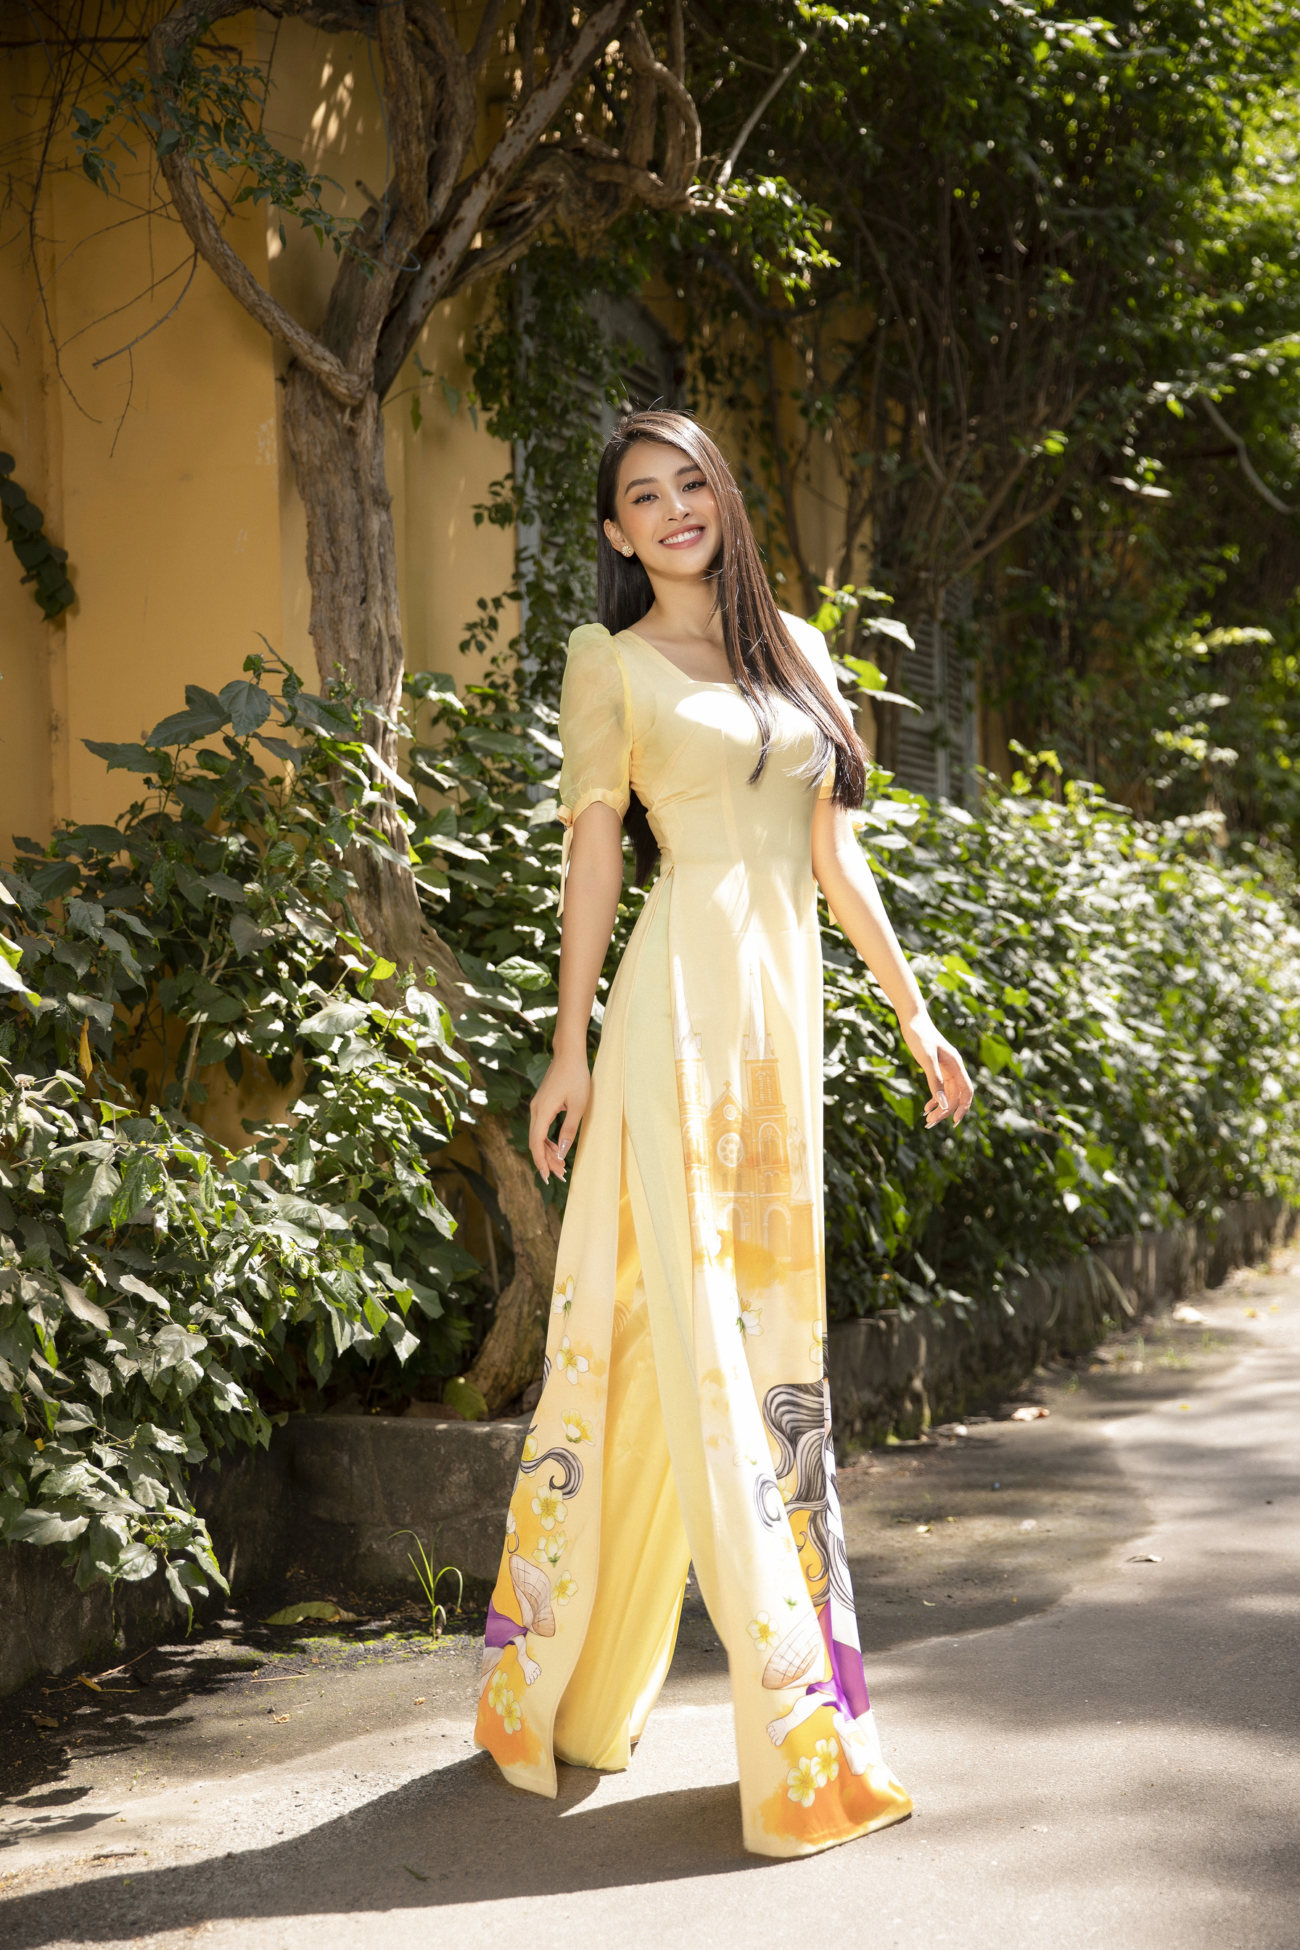 Hoa hậu Tiểu Vy khoe nhan sắc 'cực phẩm', đẹp tựa nàng thơ mùa xuân với áo dài Tết ảnh 9